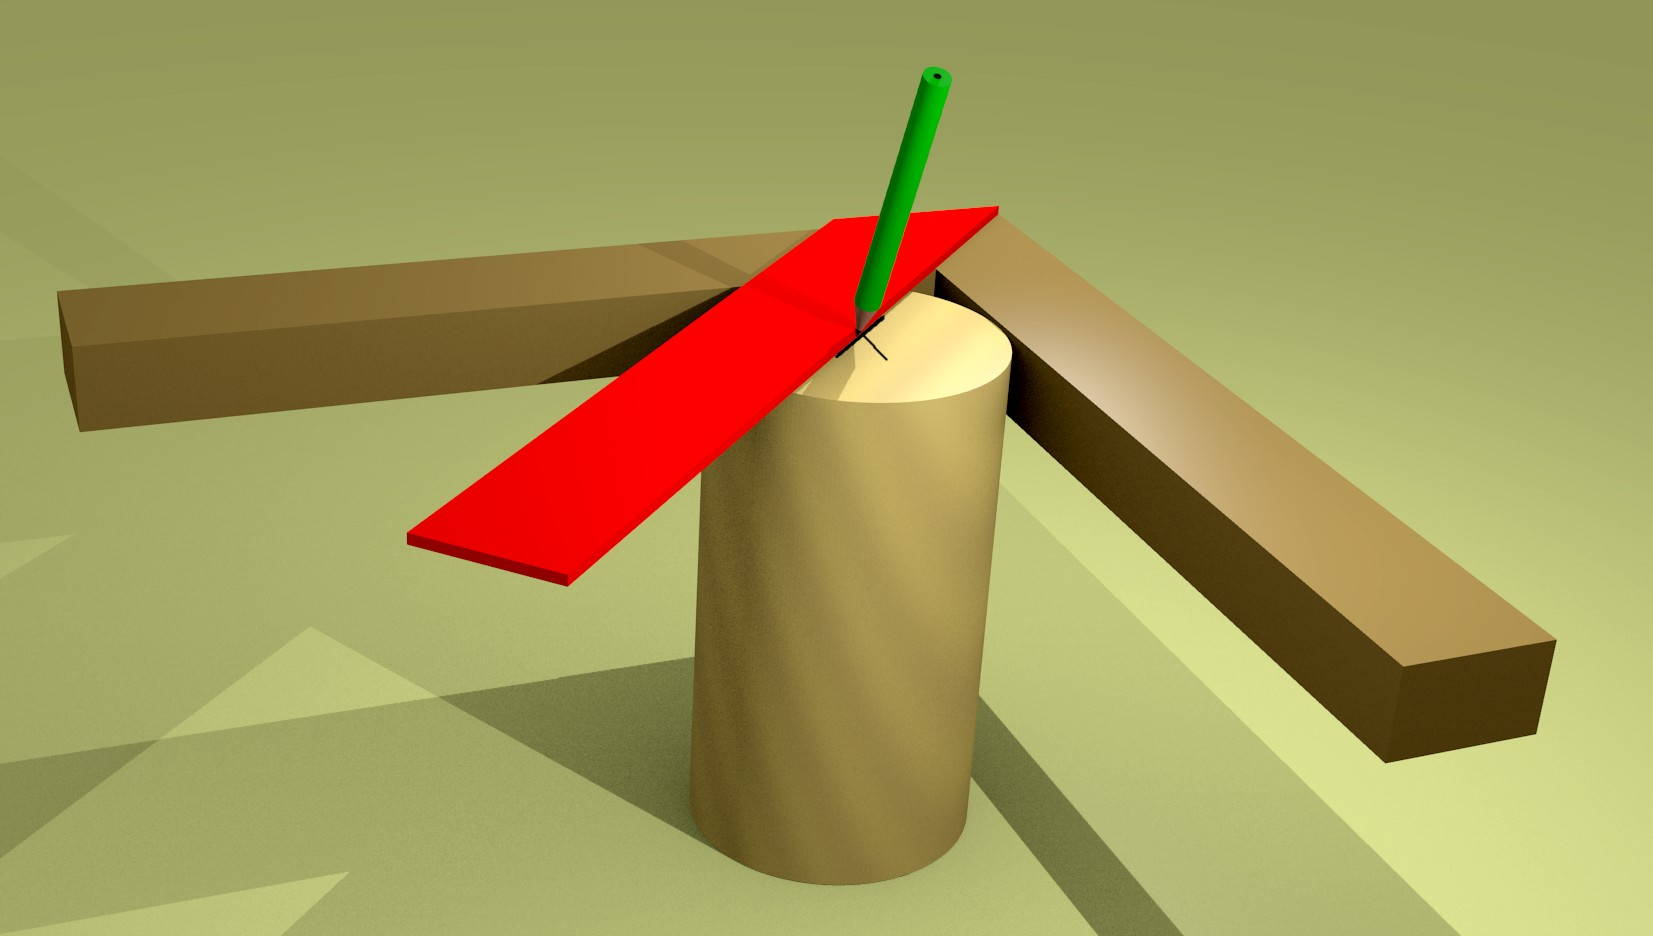 Figura 5: come si utilizza la squadra a 45° per trovare il centro di un cerchio